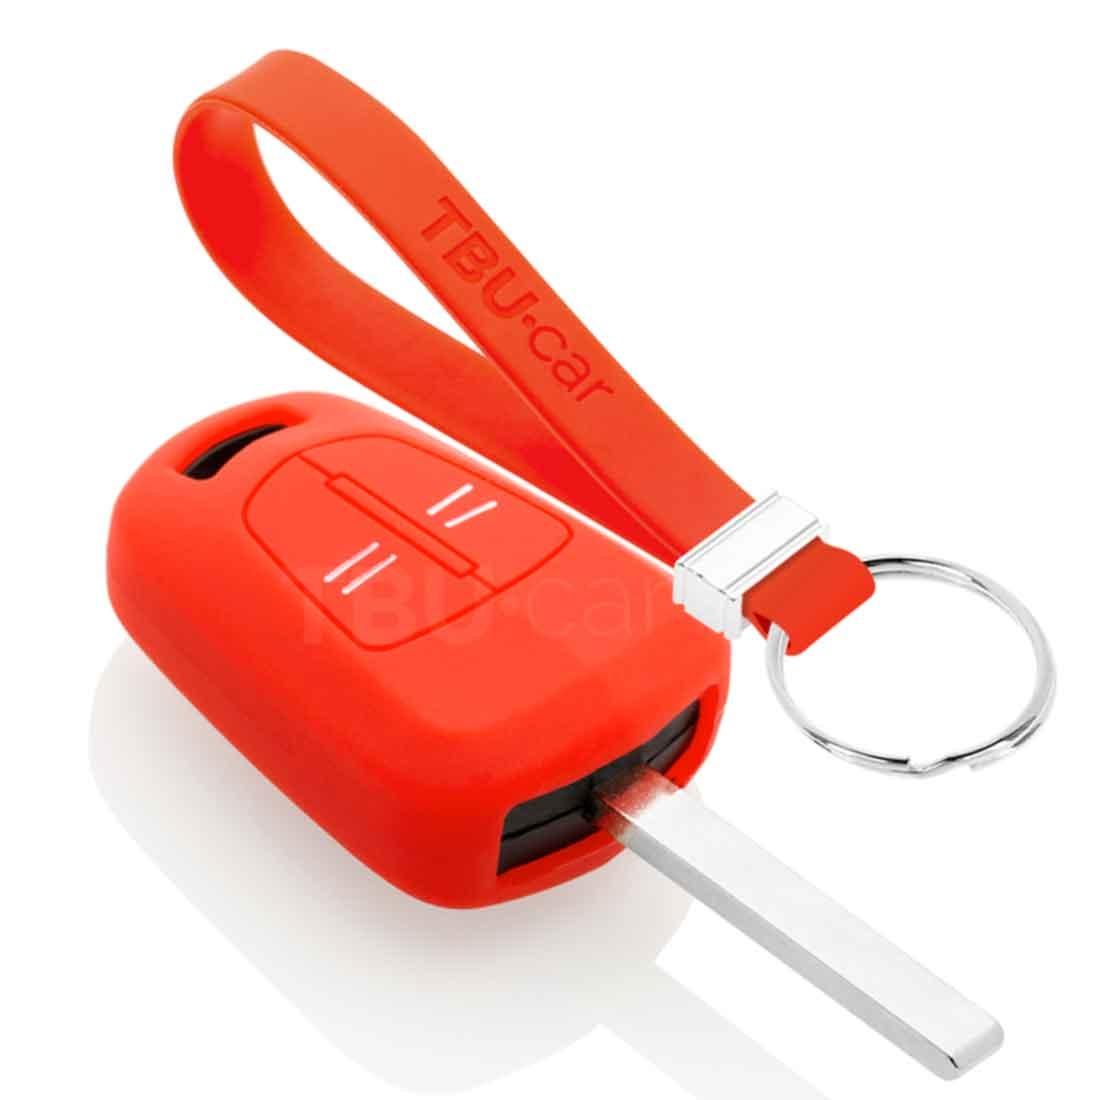 TBU car TBU car Sleutel cover compatibel met Opel - Silicone sleutelhoesje - beschermhoesje autosleutel - Rood